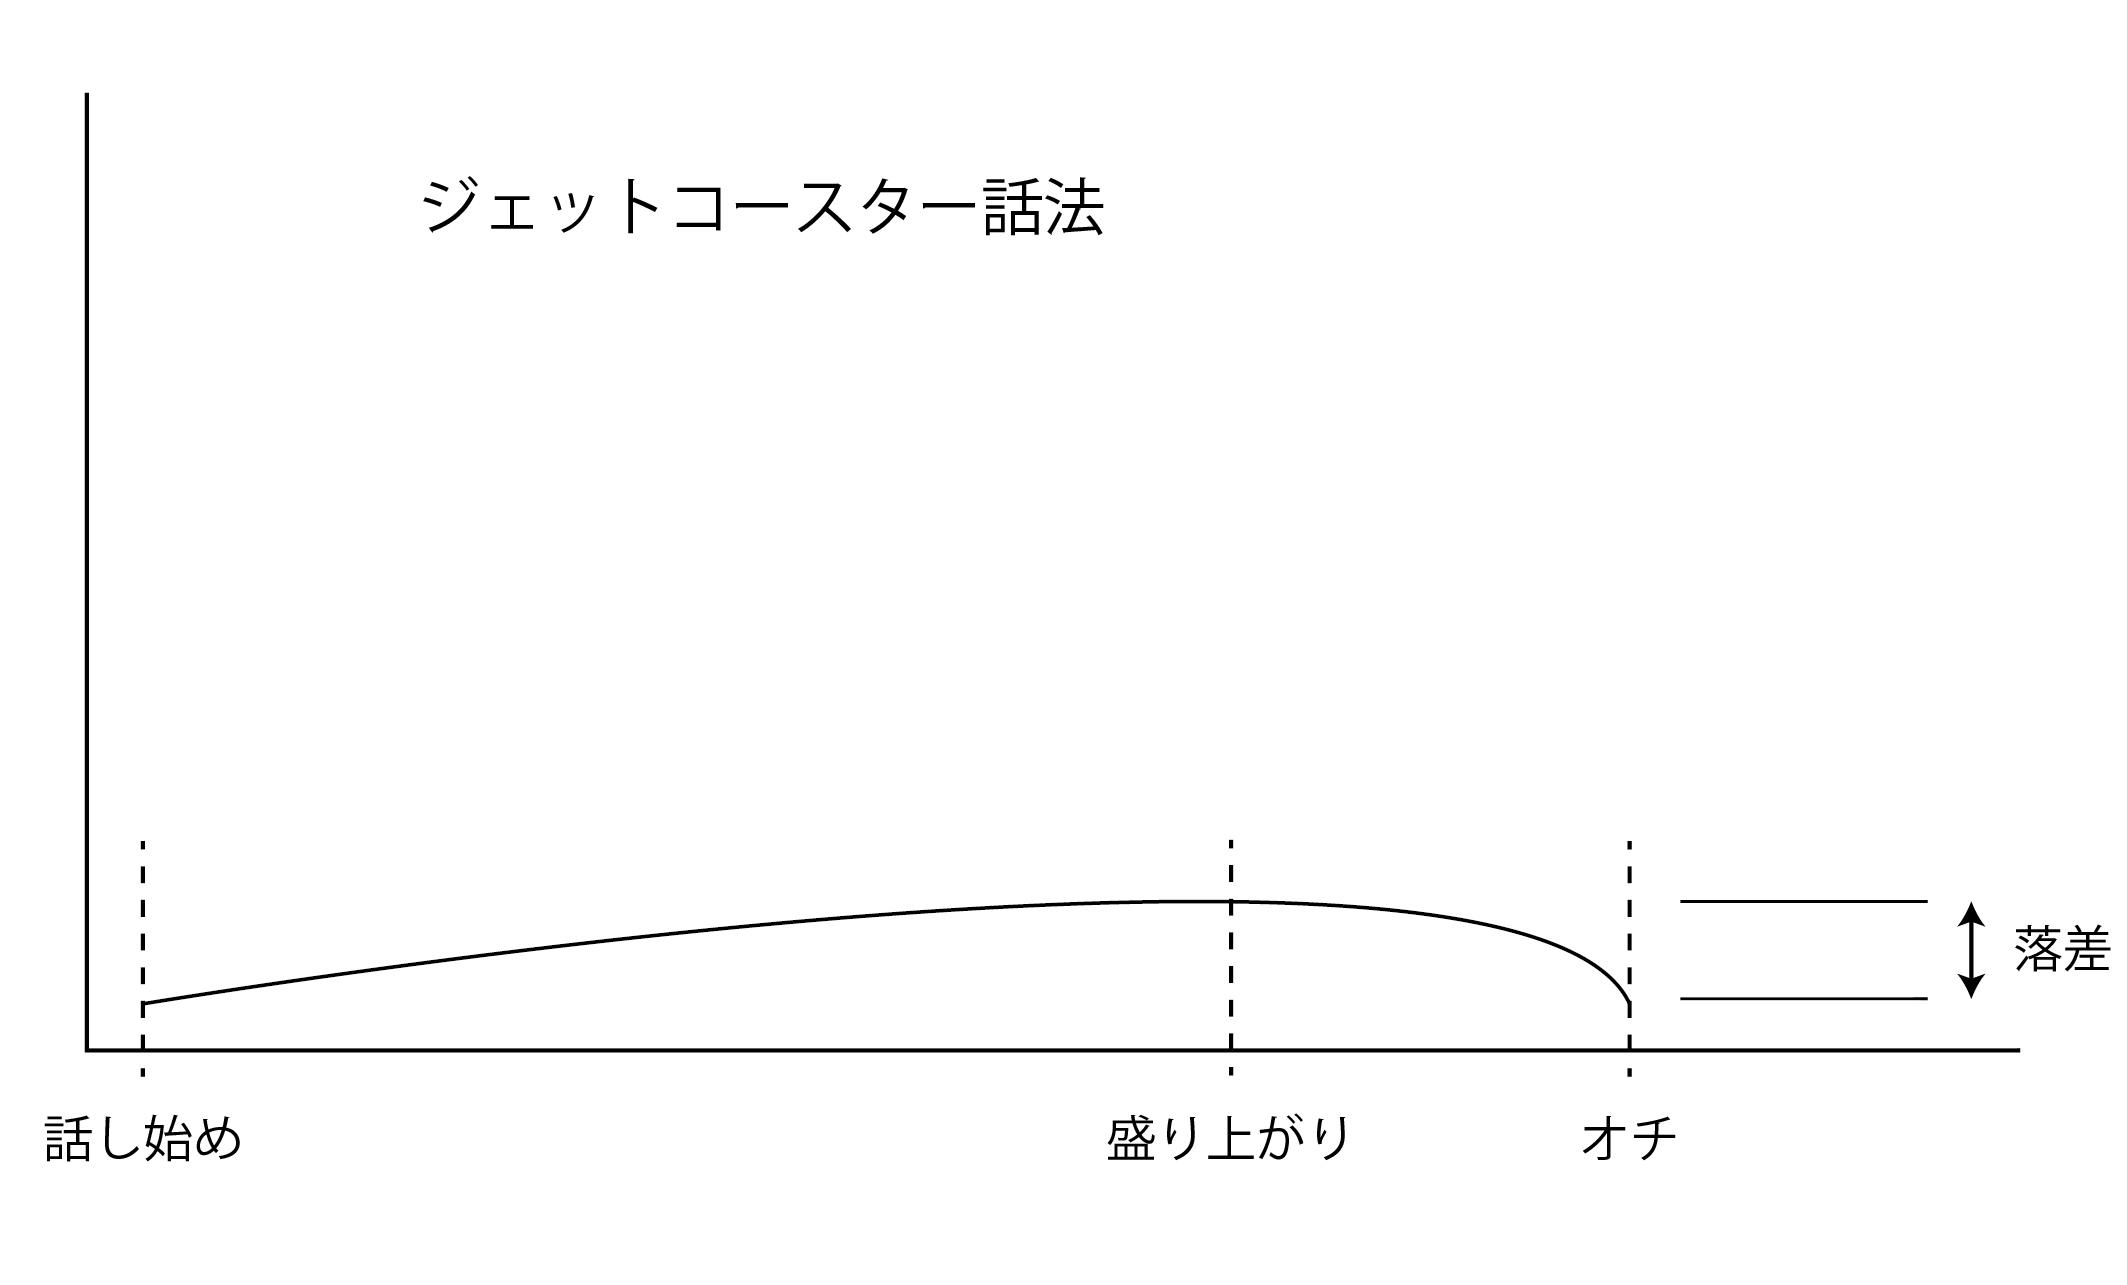 ジェットコースター話法①